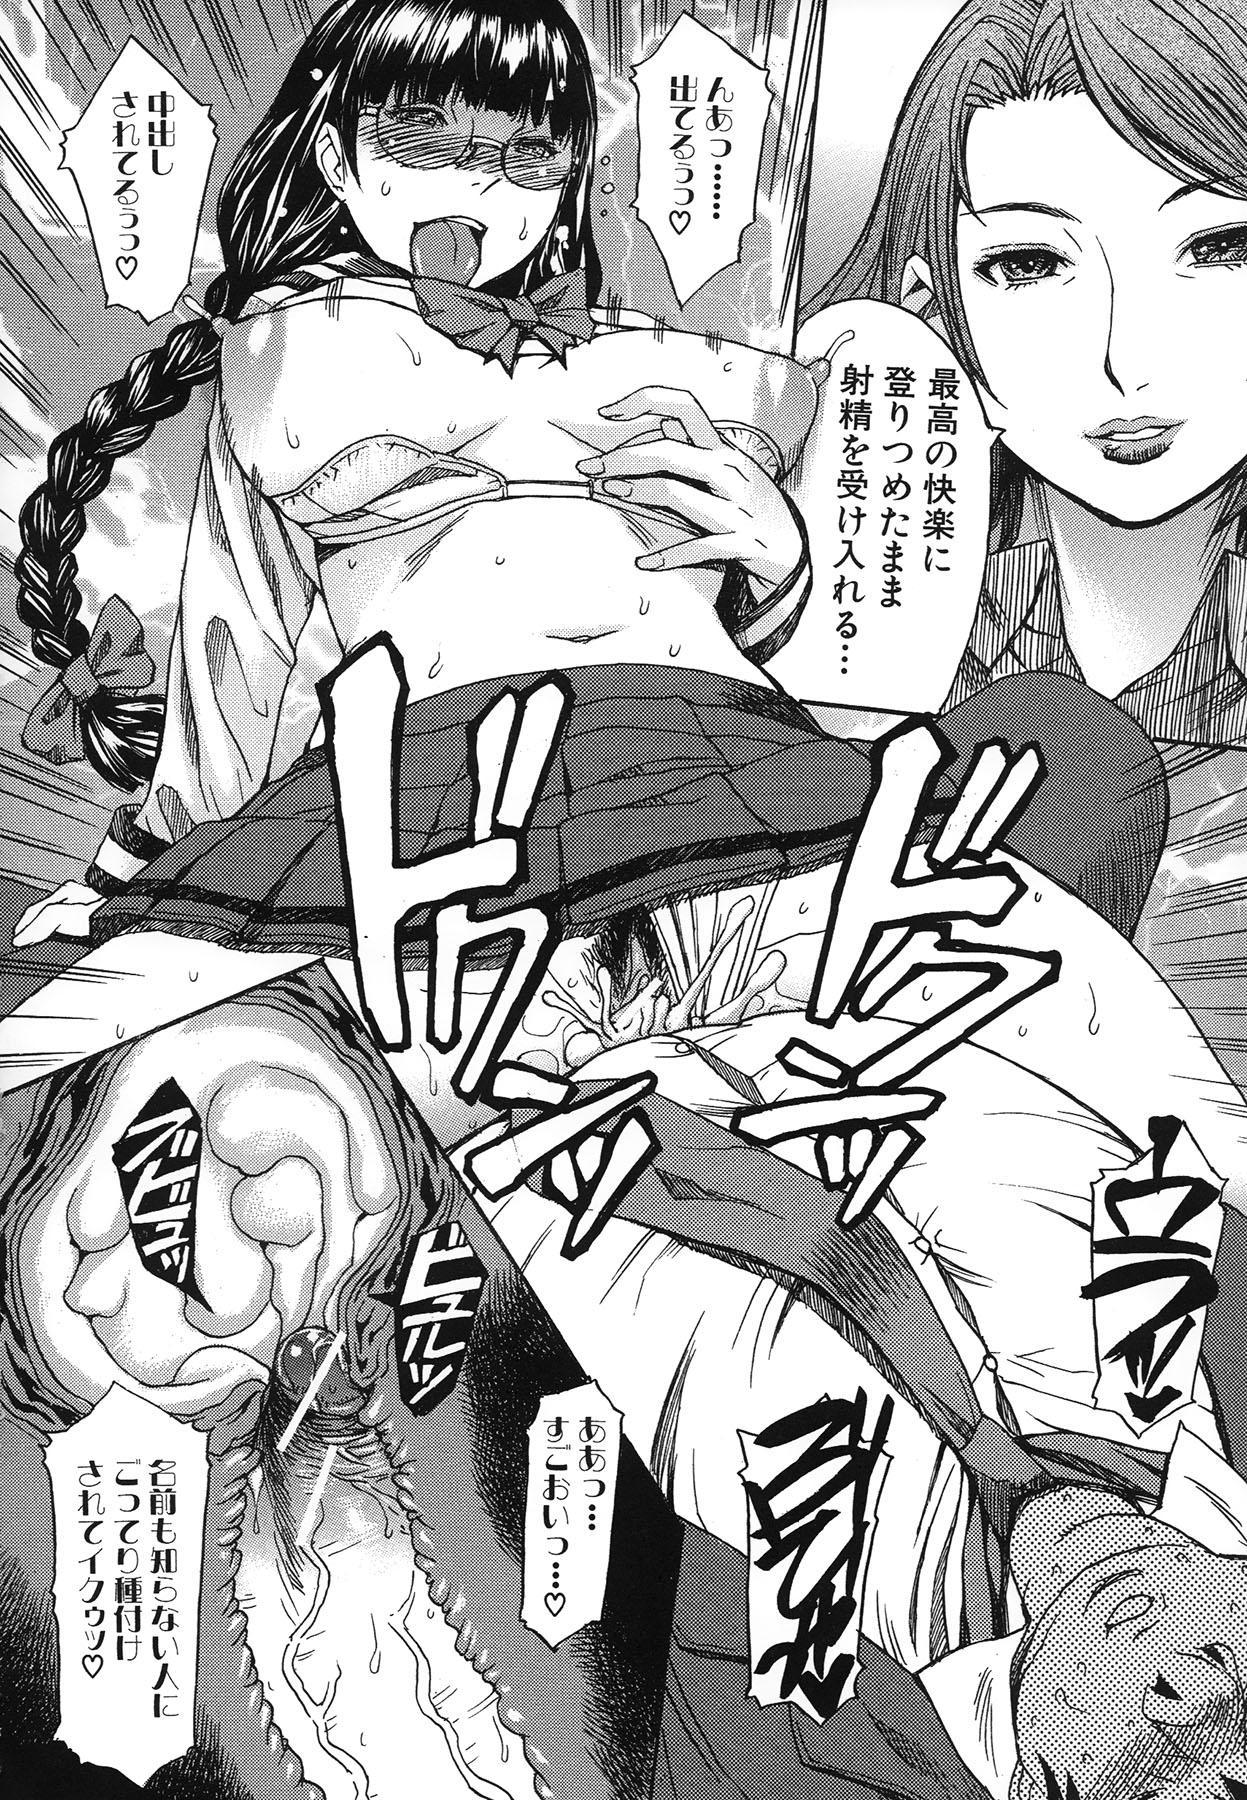 Ashigami 131